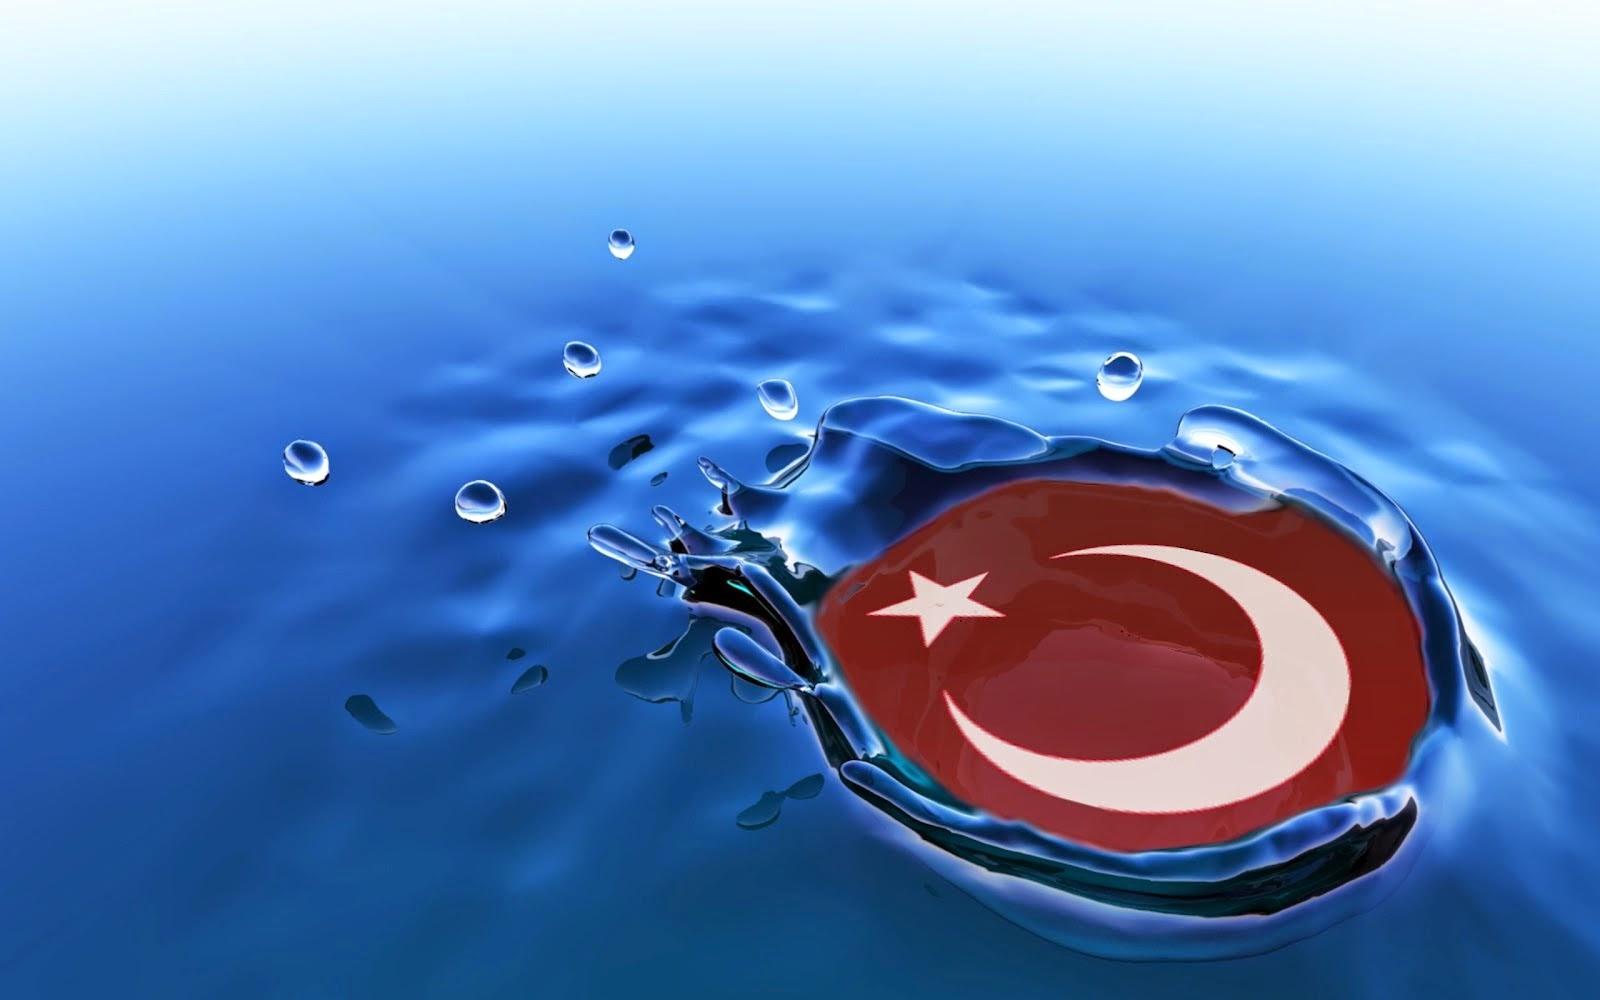 türkiye ve türk bayrağı su damlası masaüstü resimleri pc masa üstü resimleri walpaper arkaplan pictures